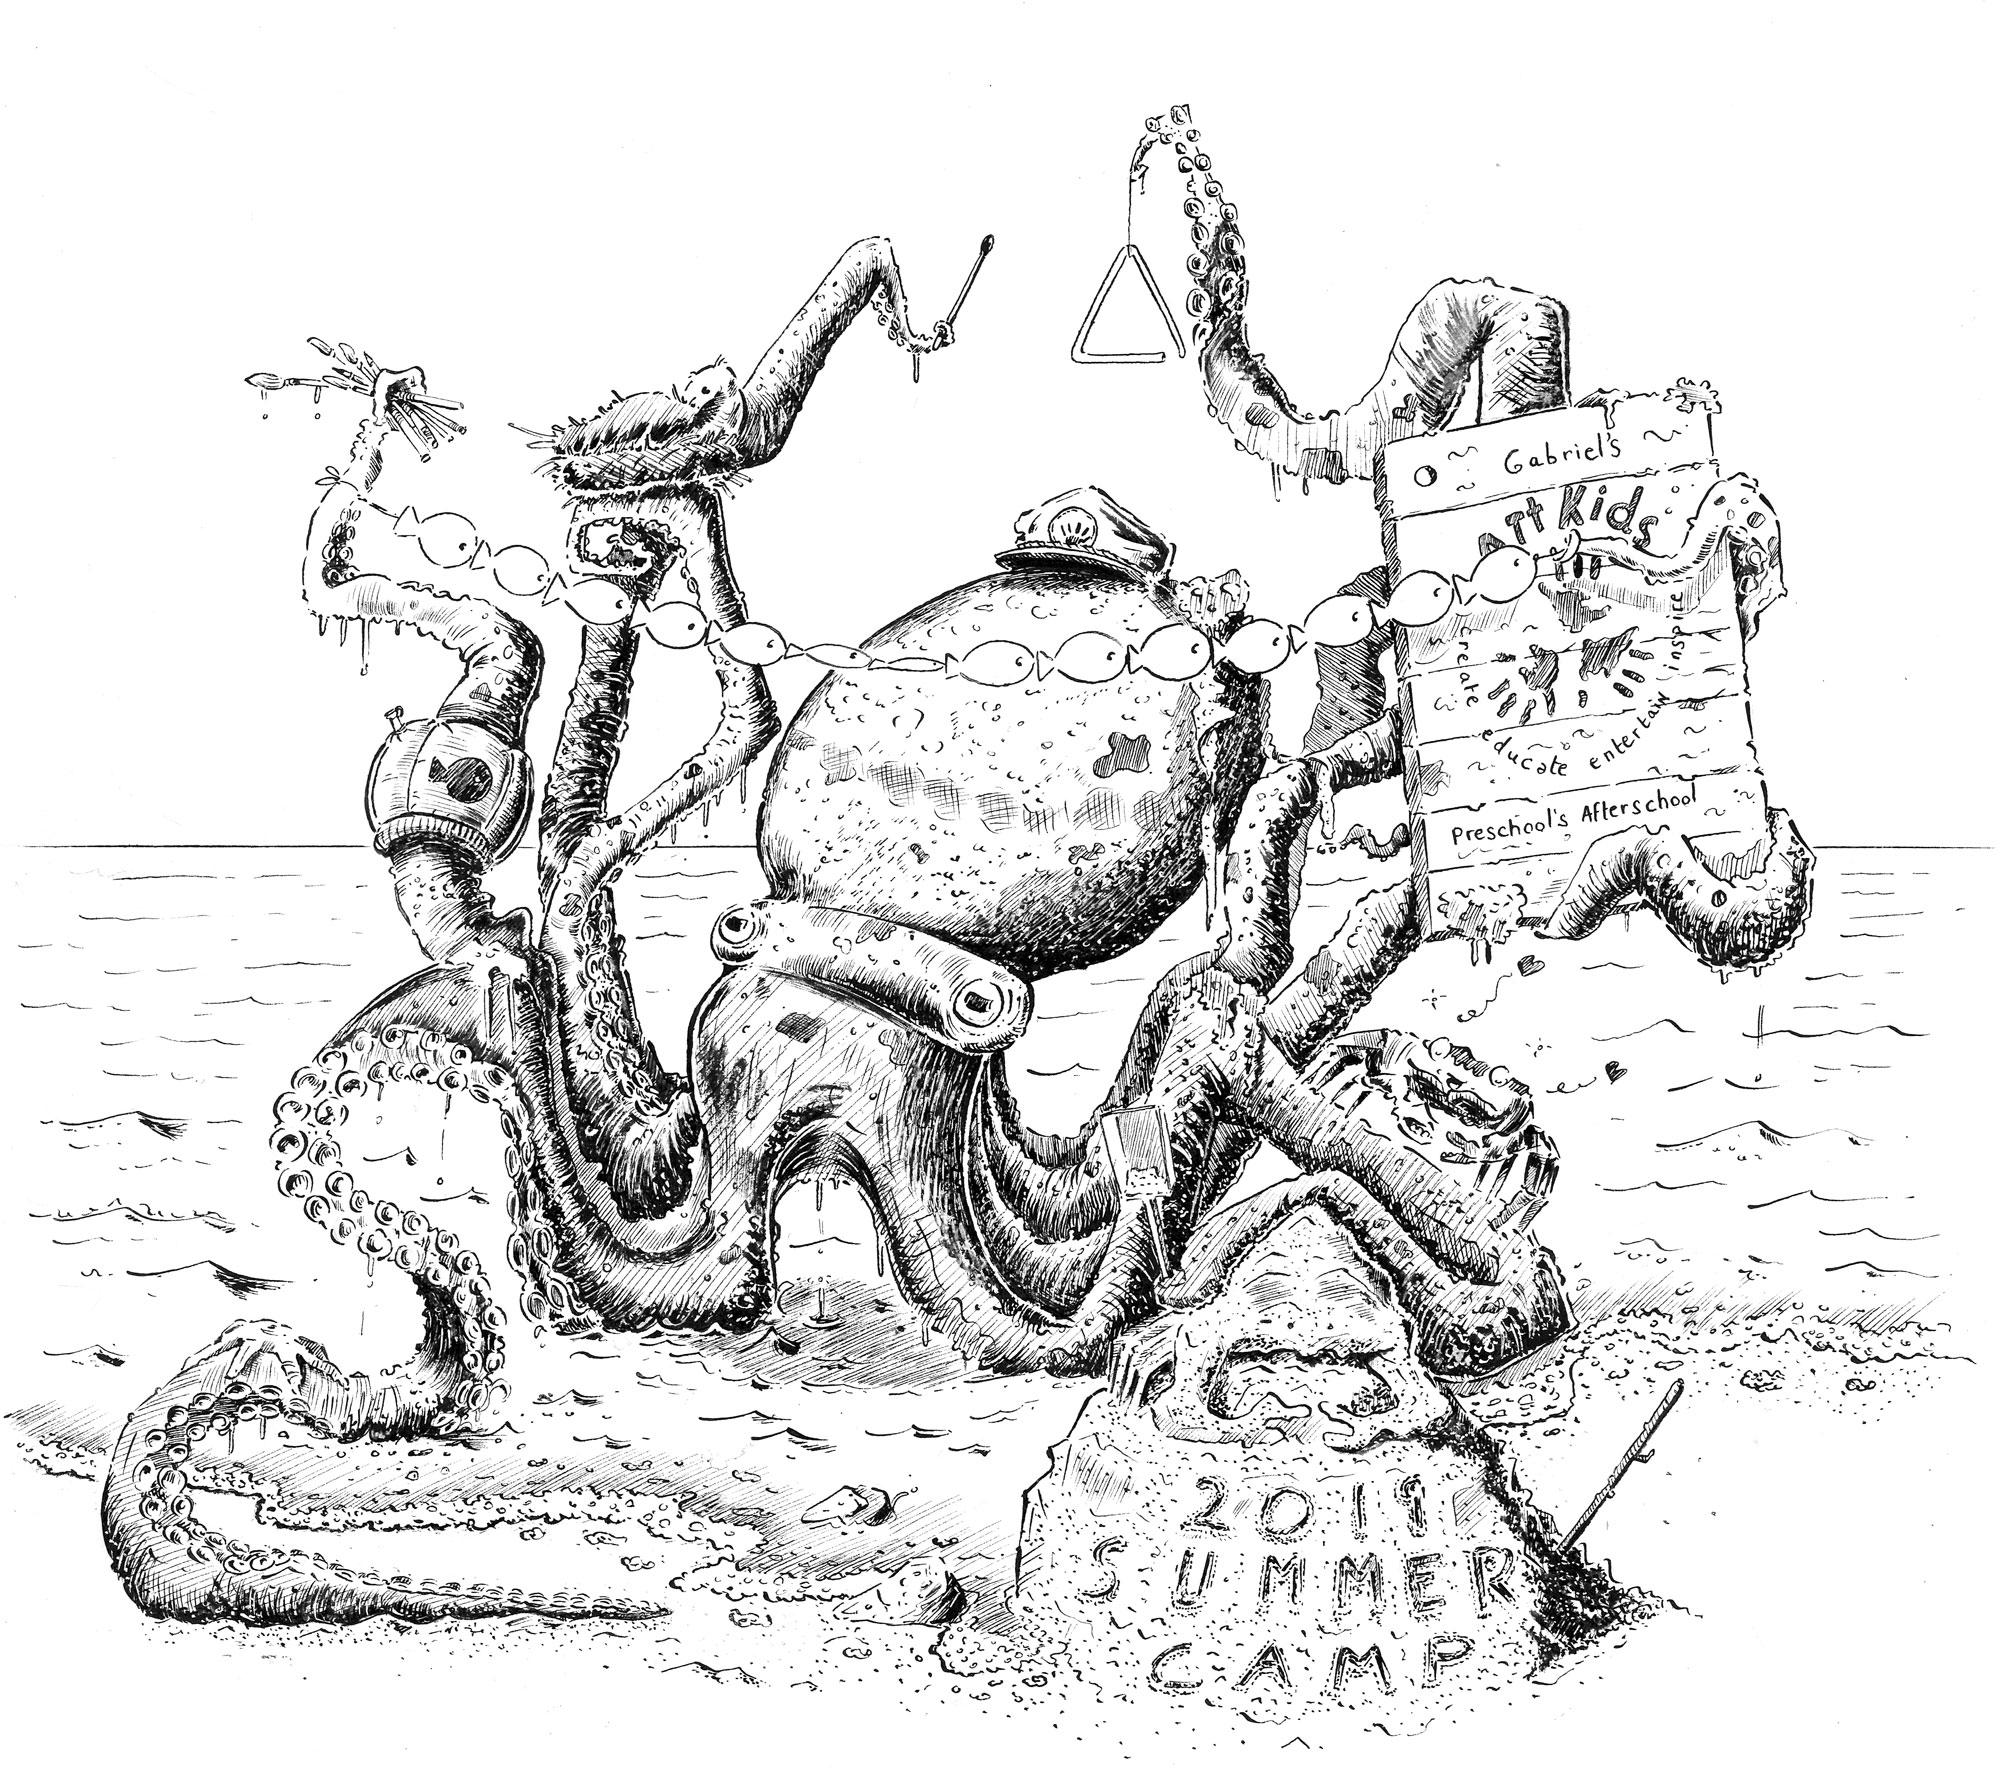 ocotpus-illustration.jpg